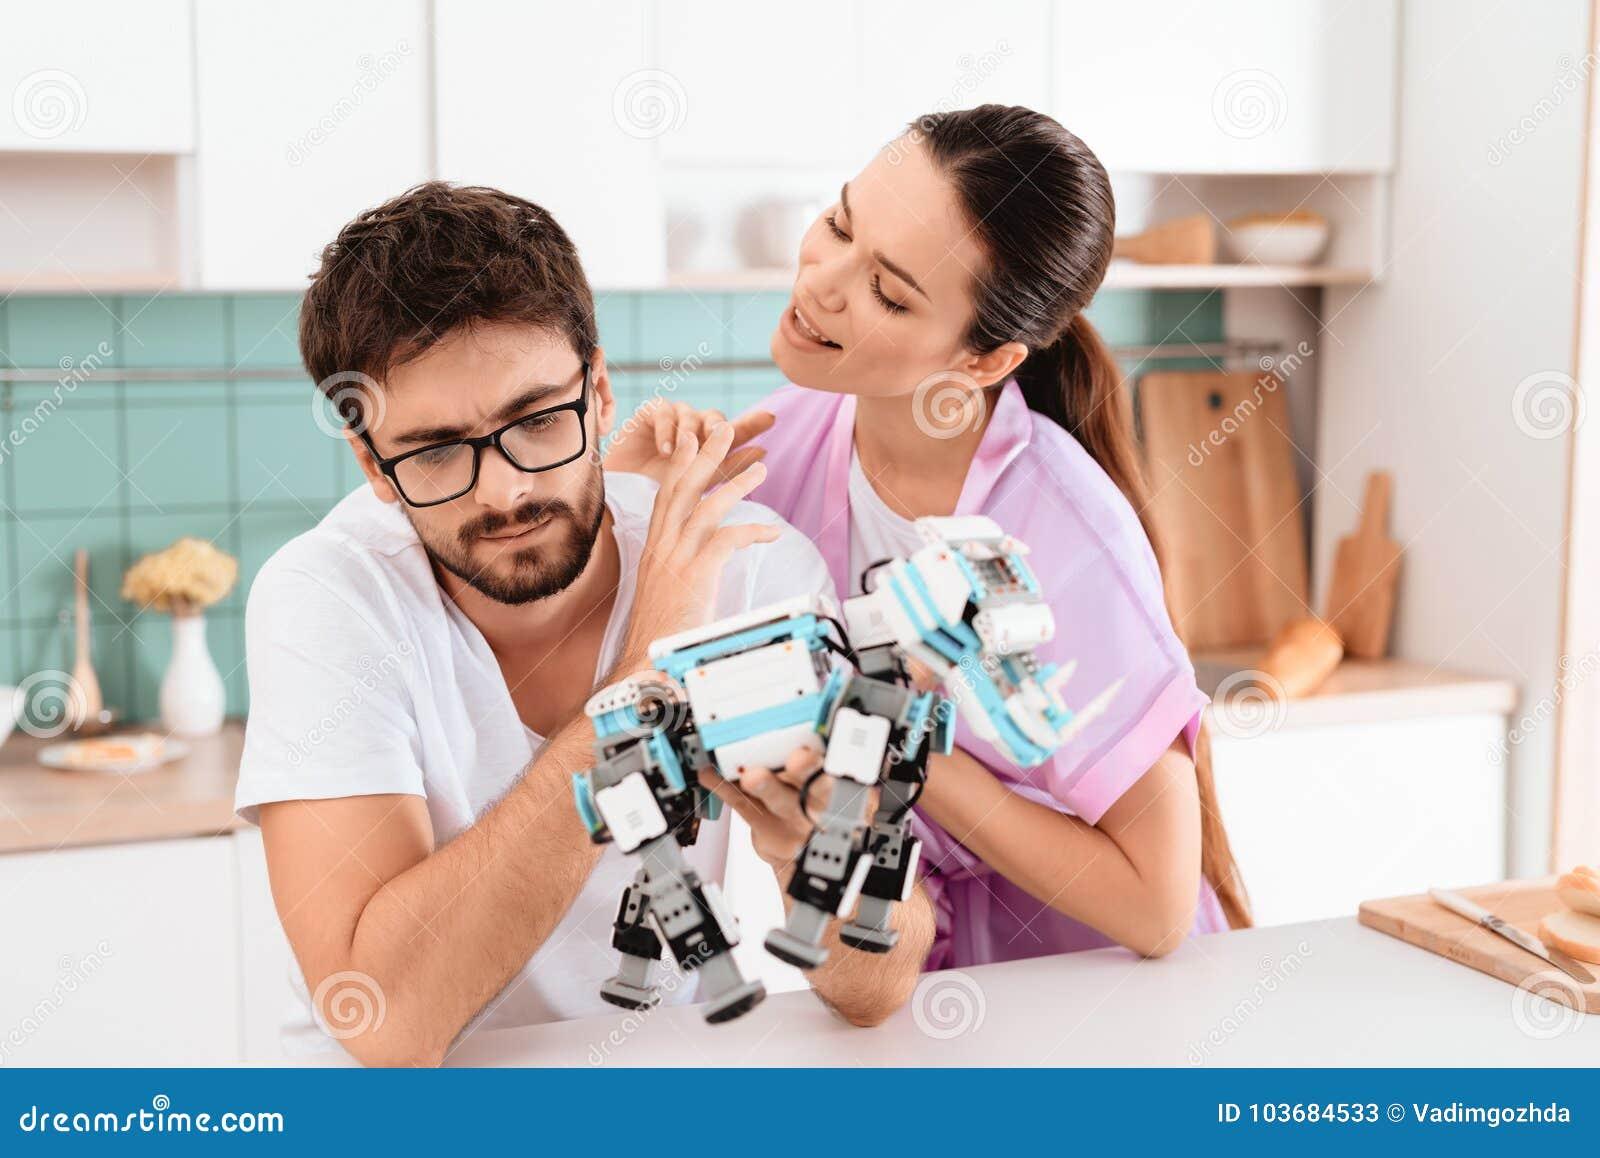 Een mens verzamelt een robot in de keuken De vrouw spreekt affectionately aan hem De man haalt weg het op